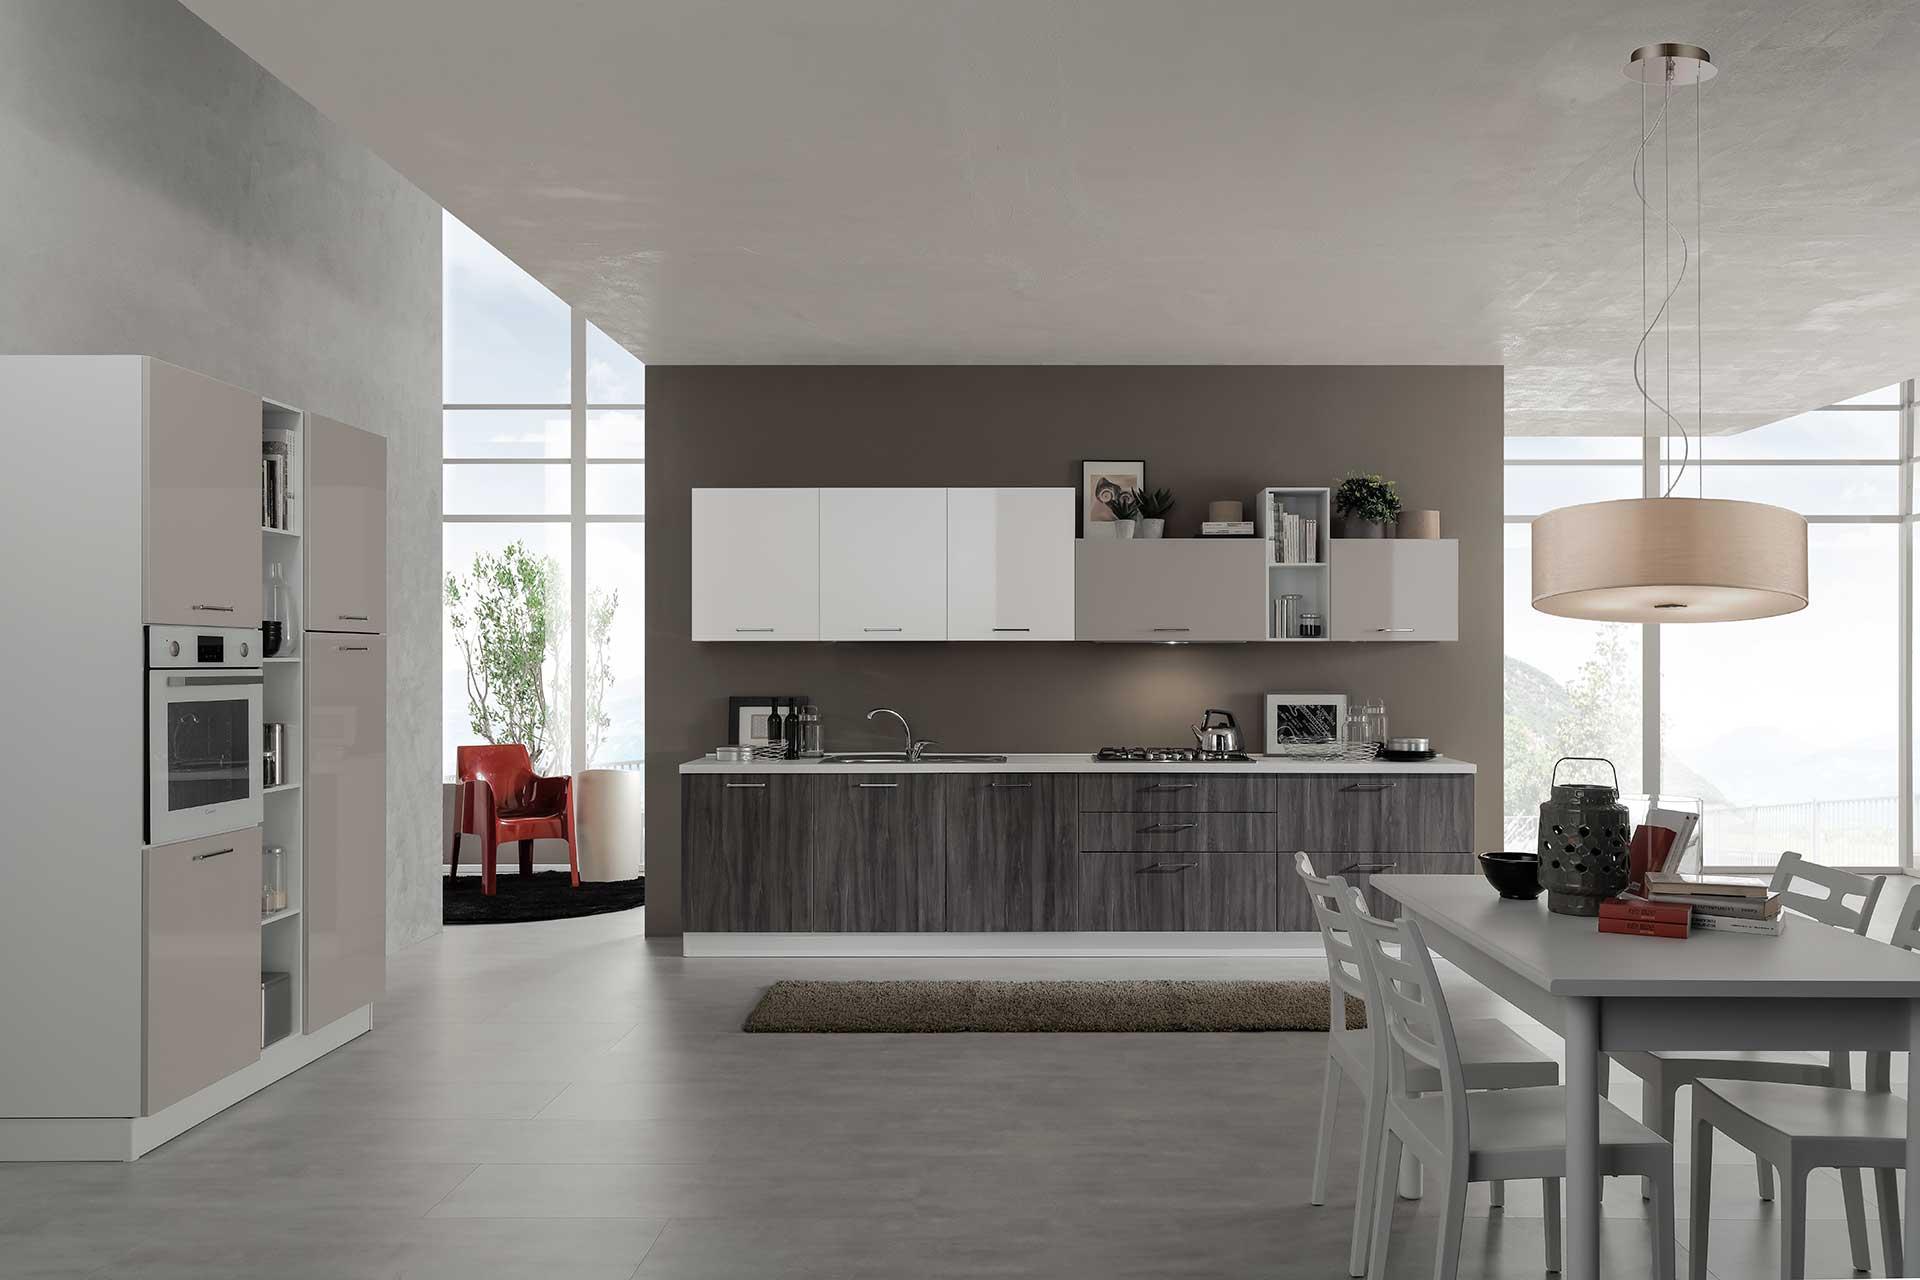 Produzione cucine con uno stile semplice ed essenziale ...